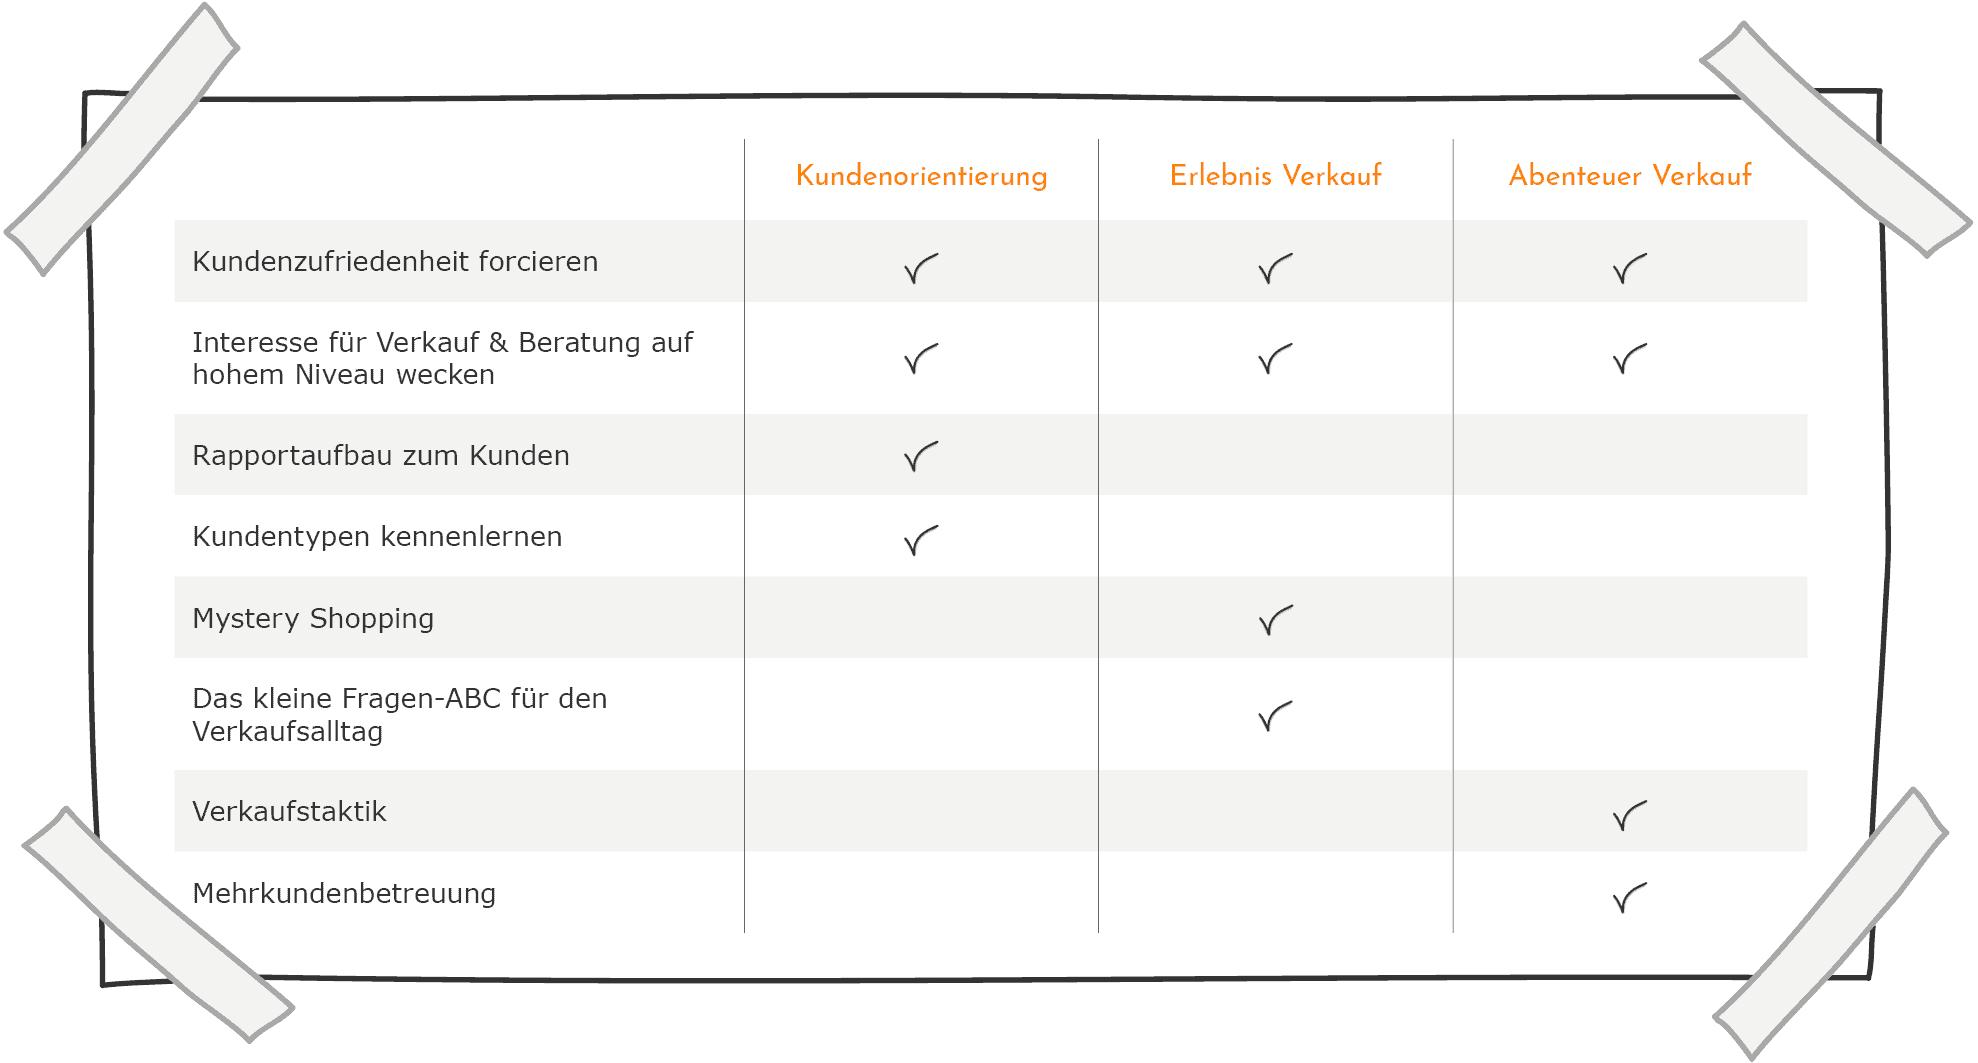 Lehrlinge im Verkauf - Inhalte im Vergleich